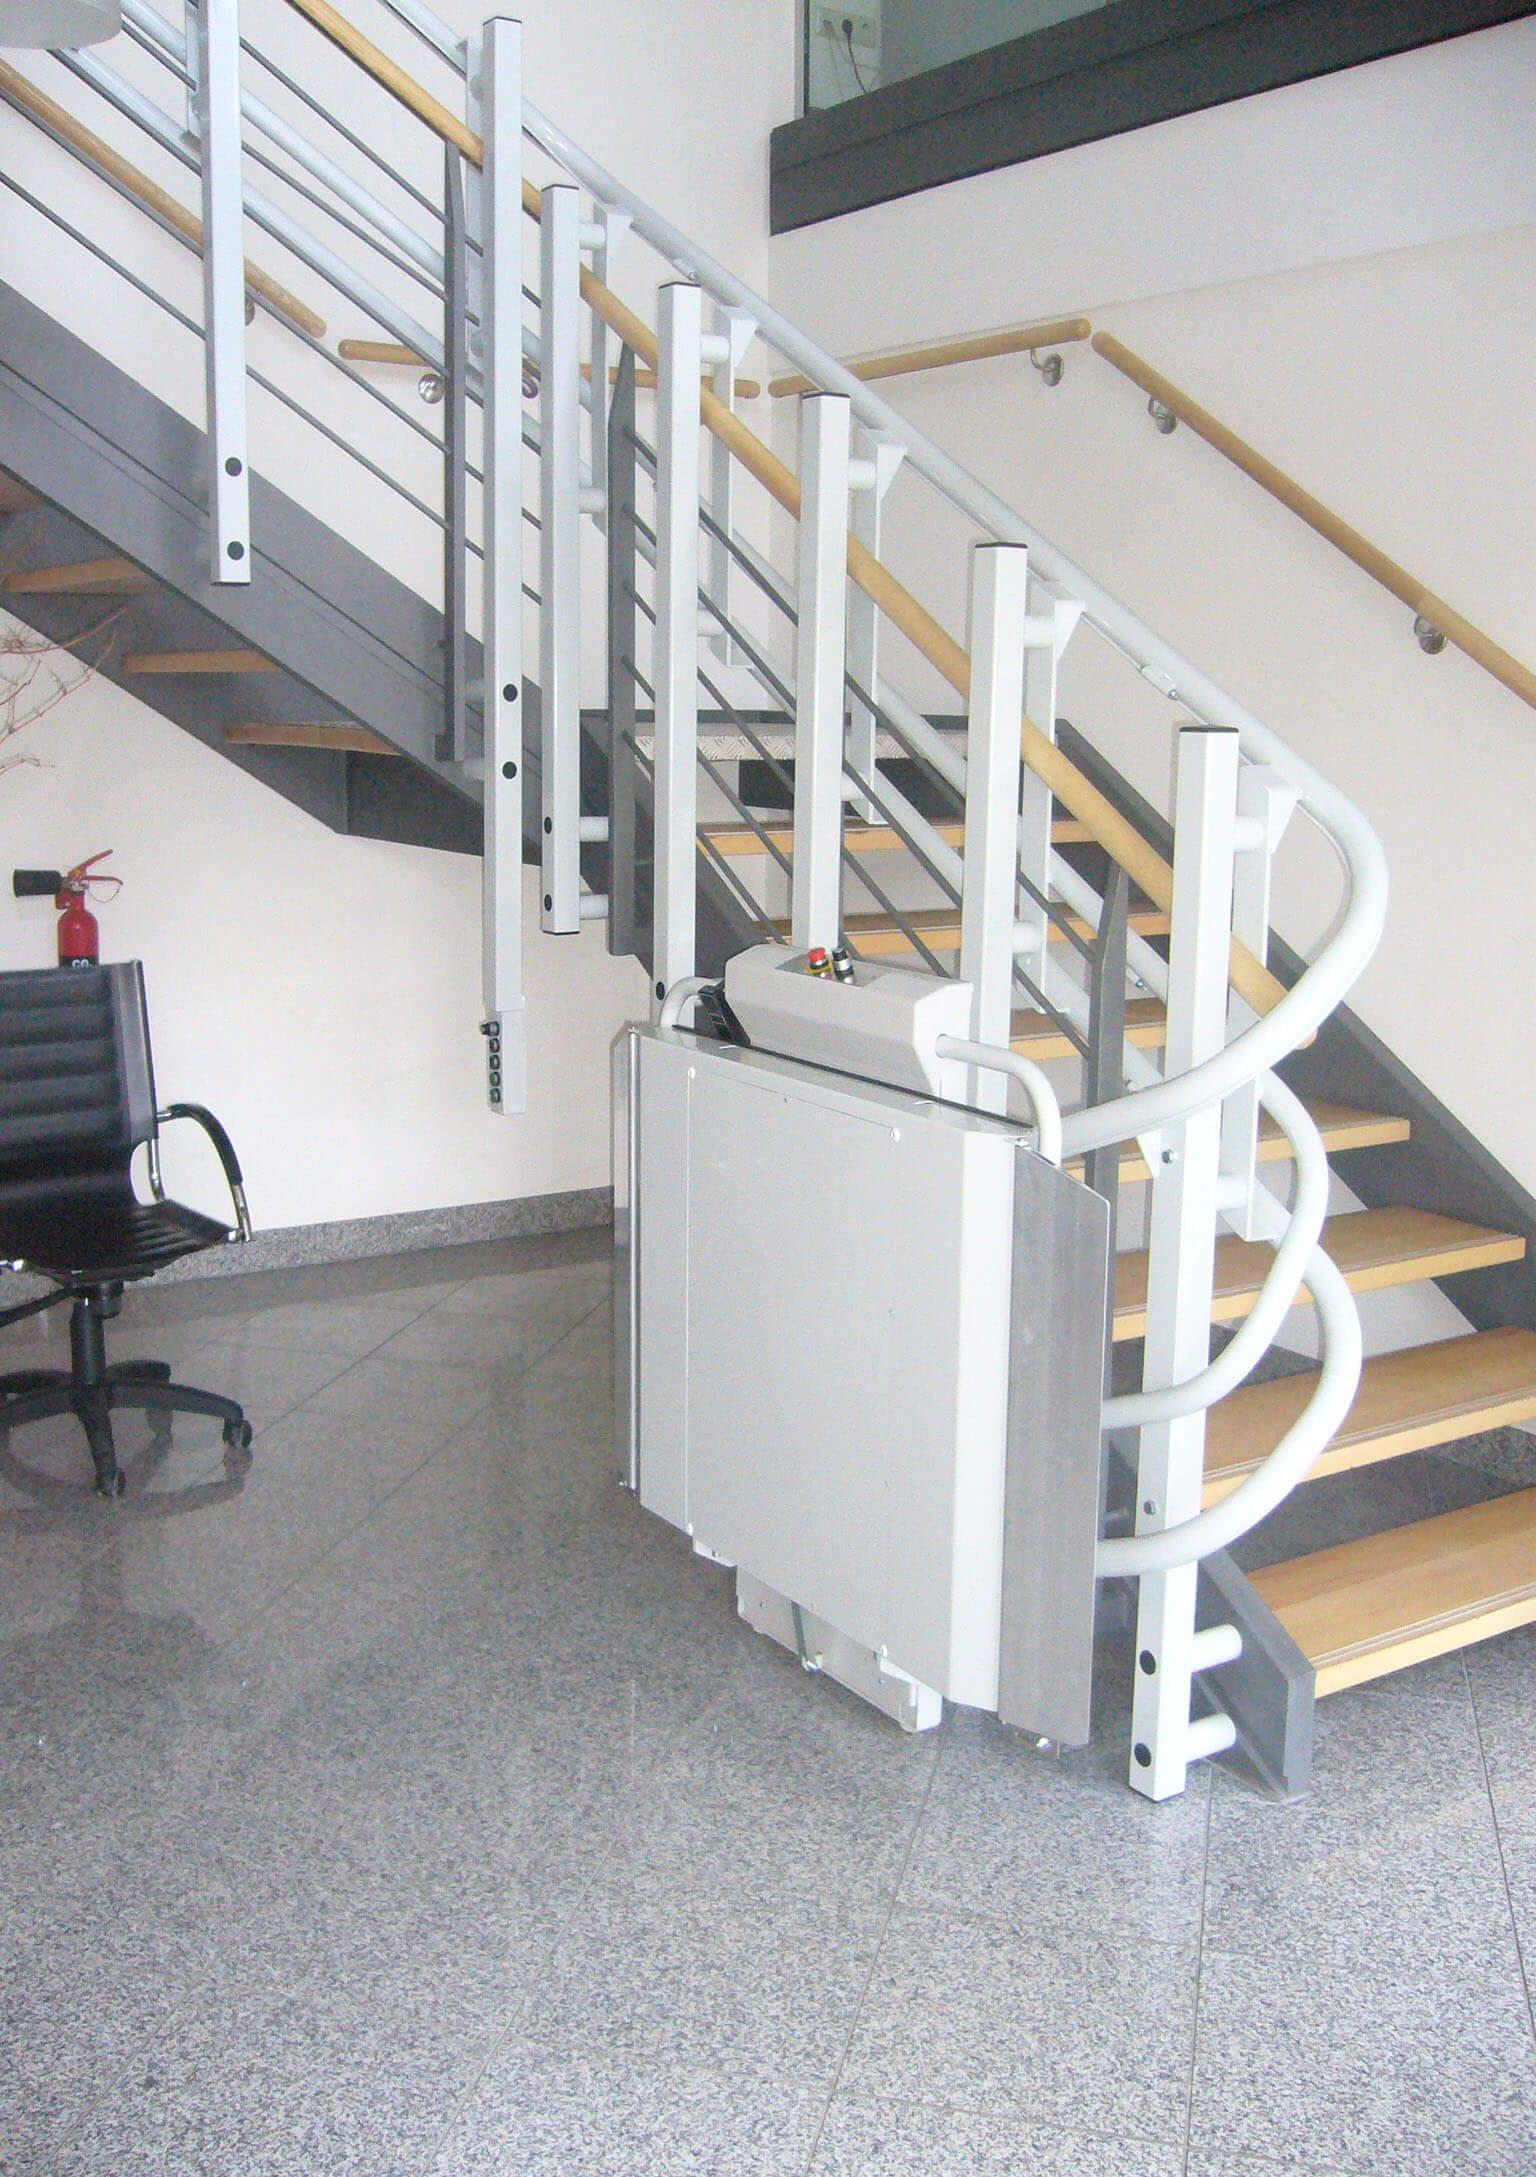 Plateforme monte-escalier en position pliée